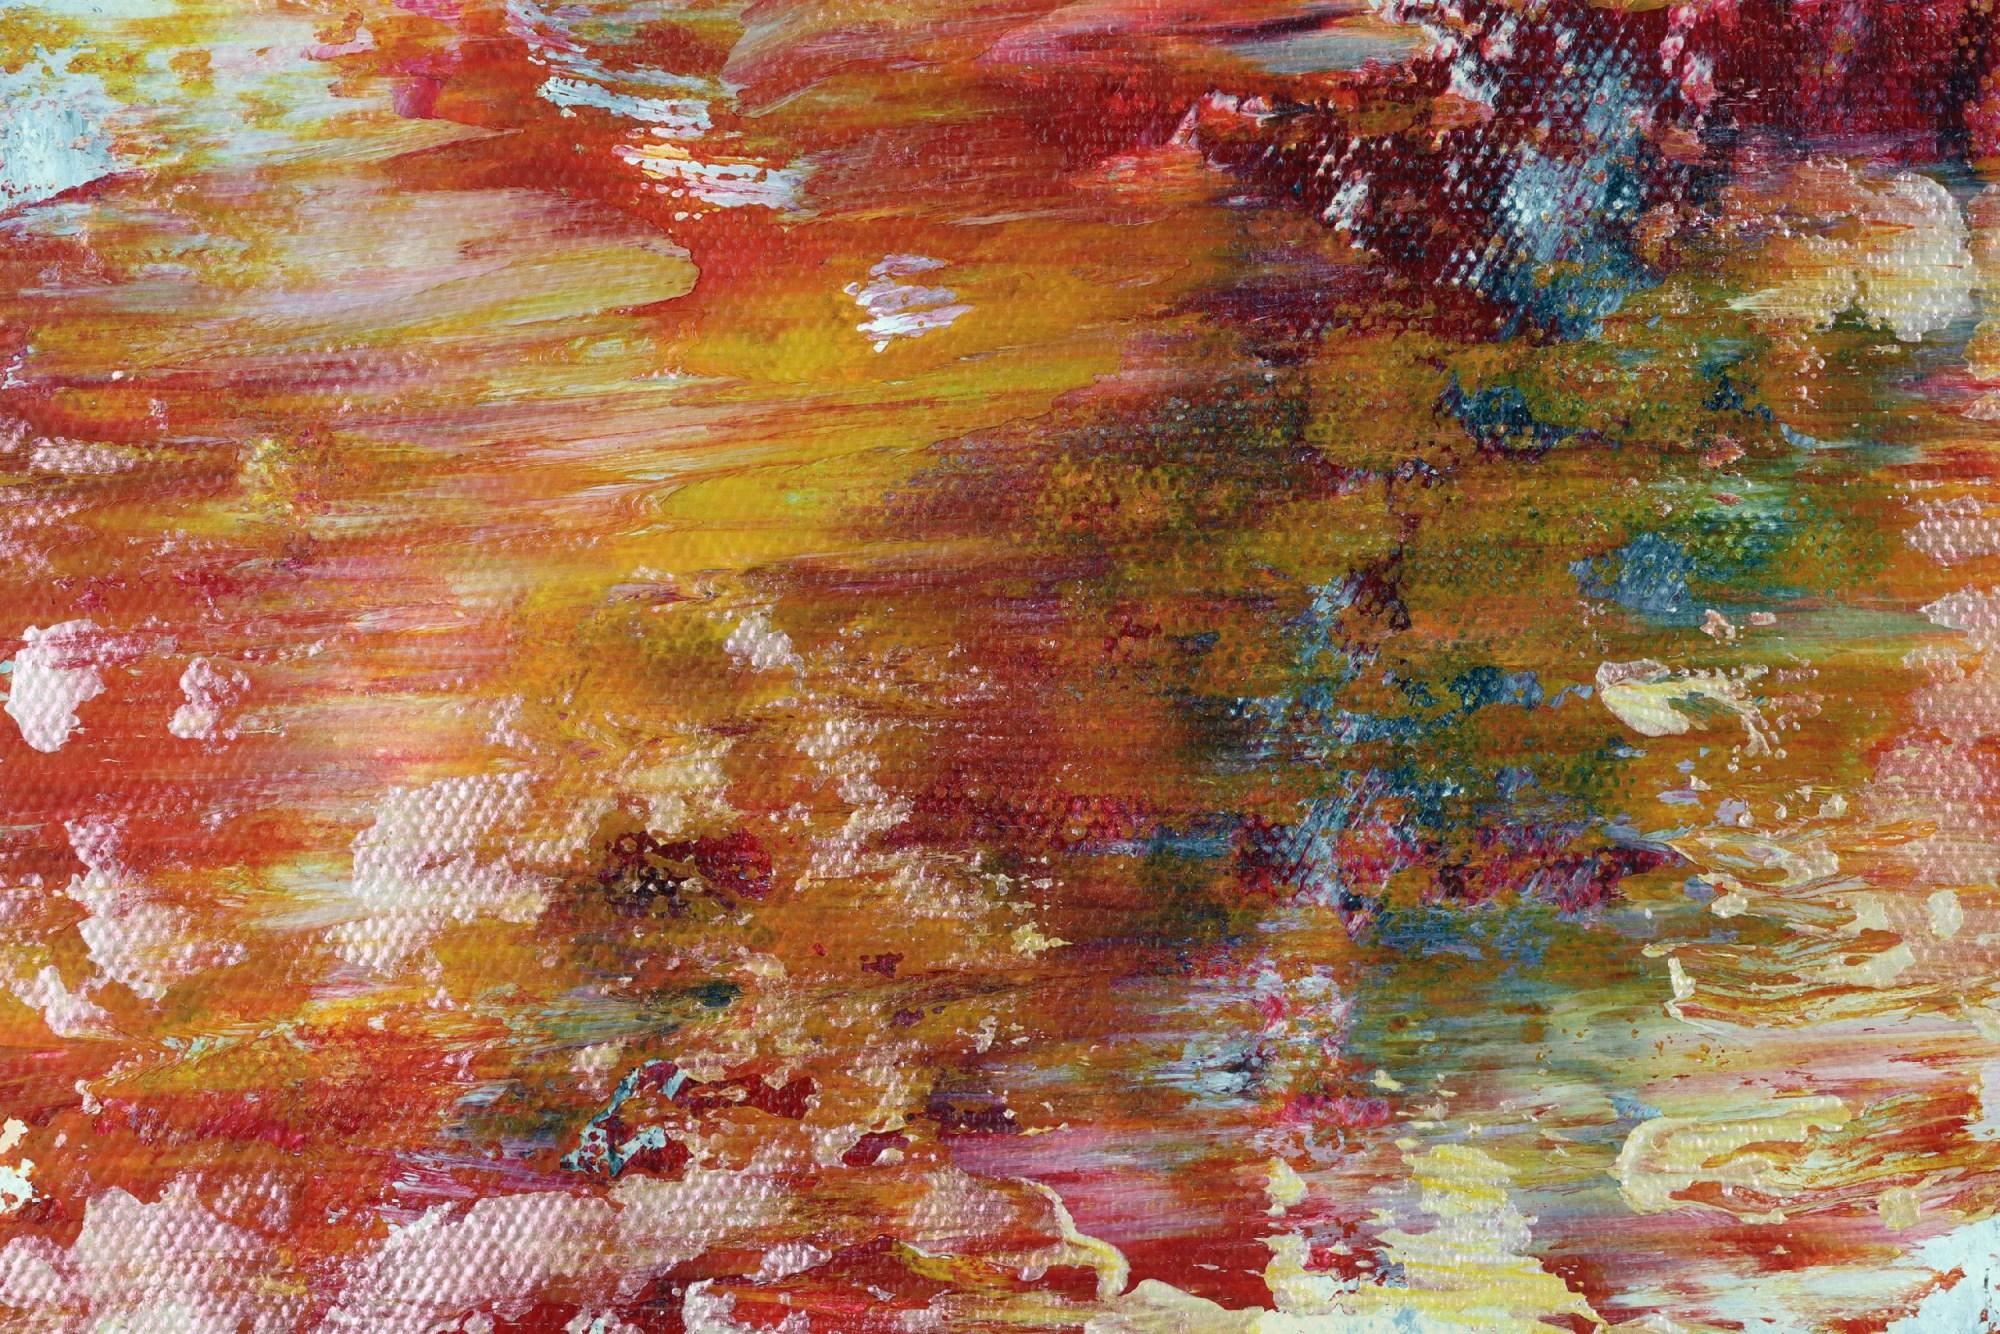 Somewhere in Between (Orange refractions) (2021) / Artist: Nestor Toro